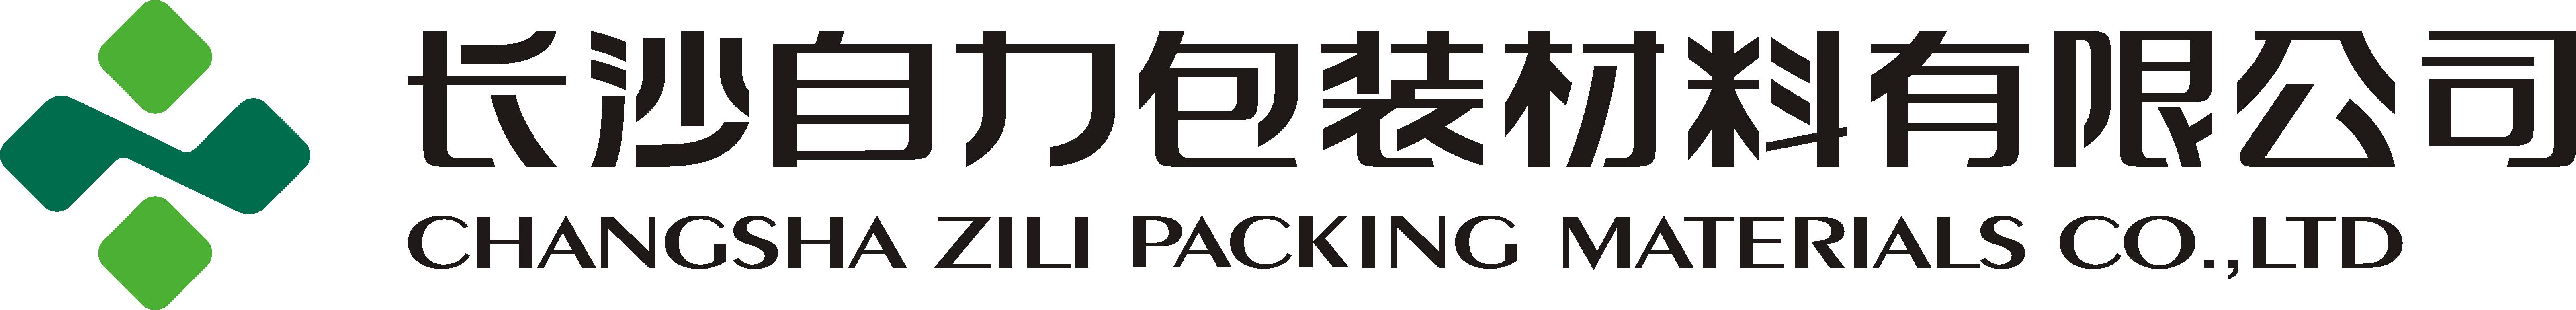 长沙万博manbetxAPP安卓包装材料有限公司